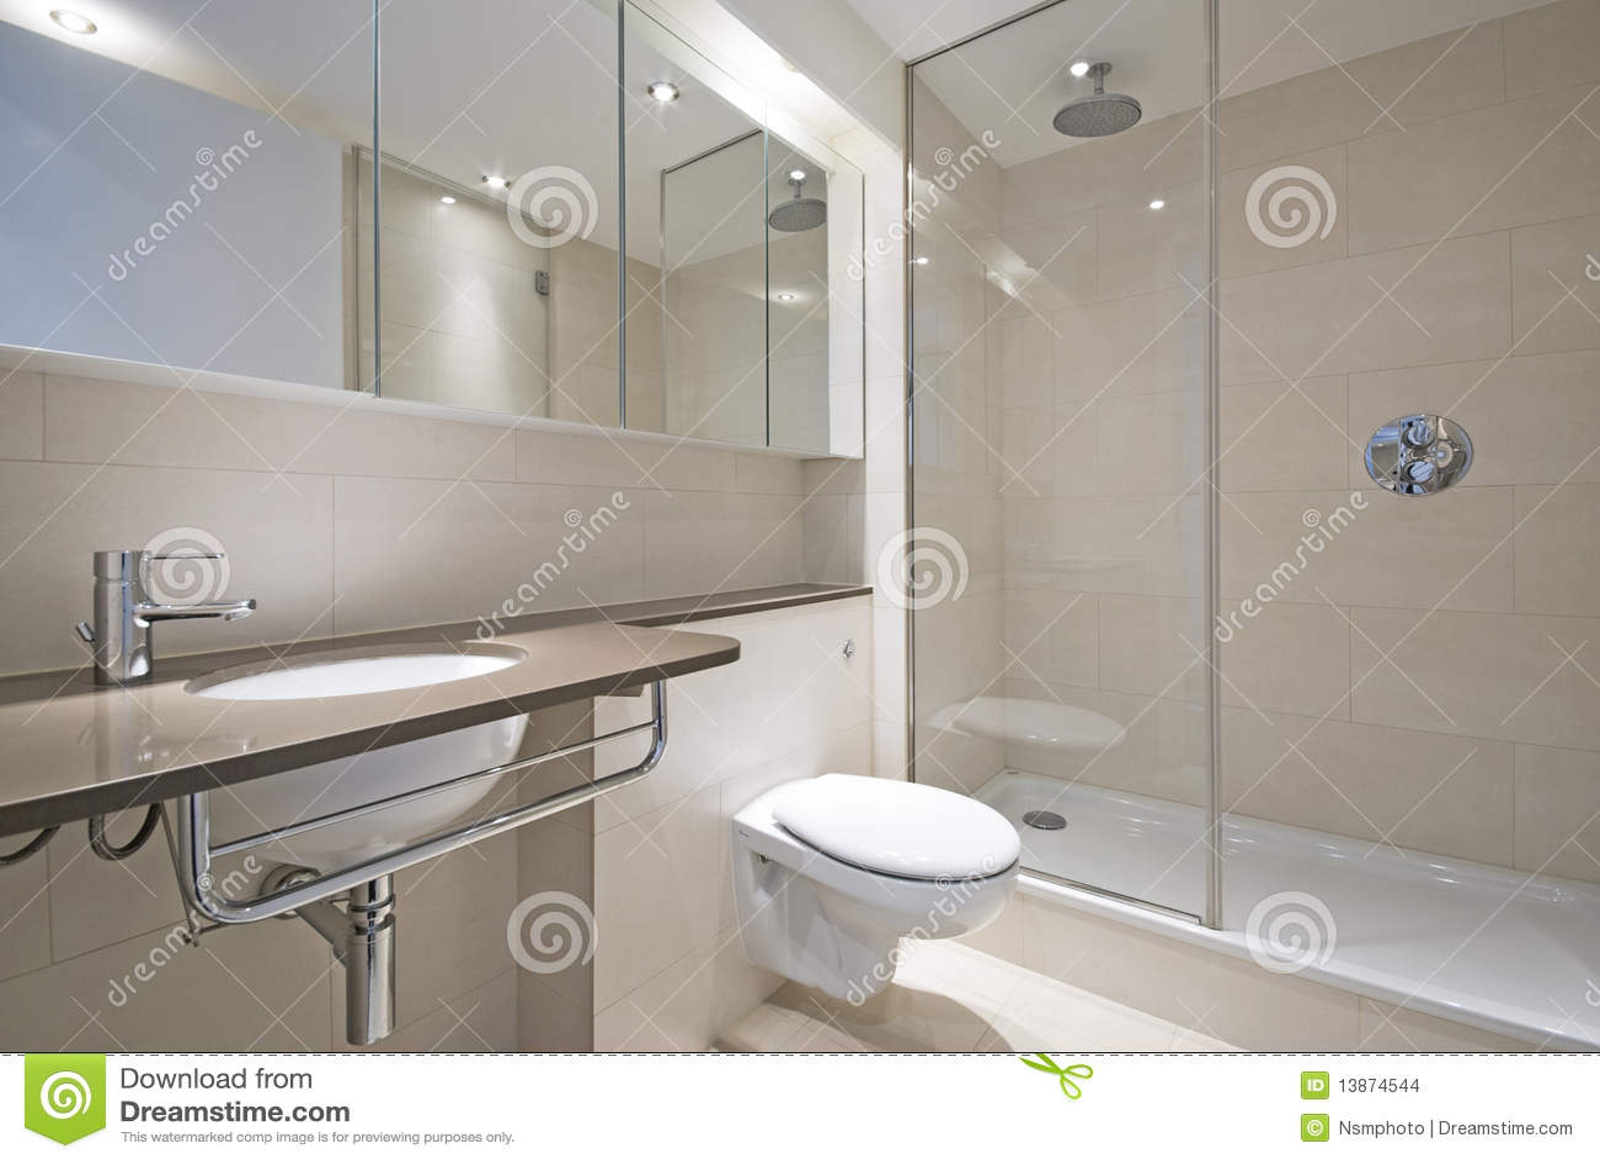 Sala Da Bagno Moderna : Stanza da bagno moderna con il lavabo del progettista fotografia